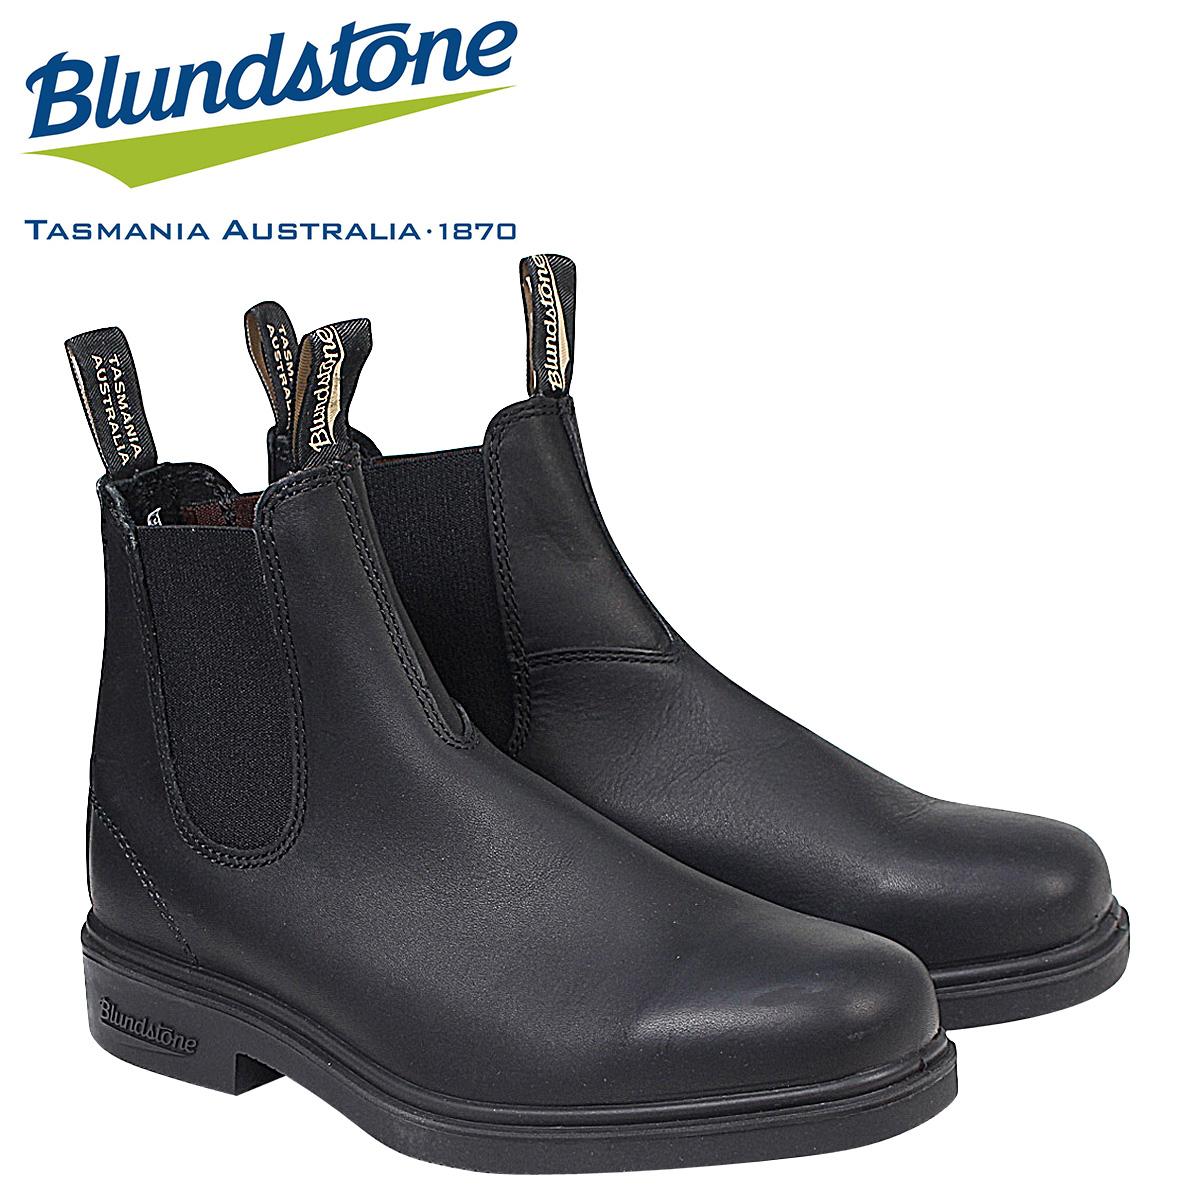 【最大2000円OFFクーポン配布】 Blundstone ブランドストーン サイドゴア メンズ ブーツ DRESS CHELSEA BOOTS 063 ブラック [予約商品 1/16頃入荷予定 追加入荷]